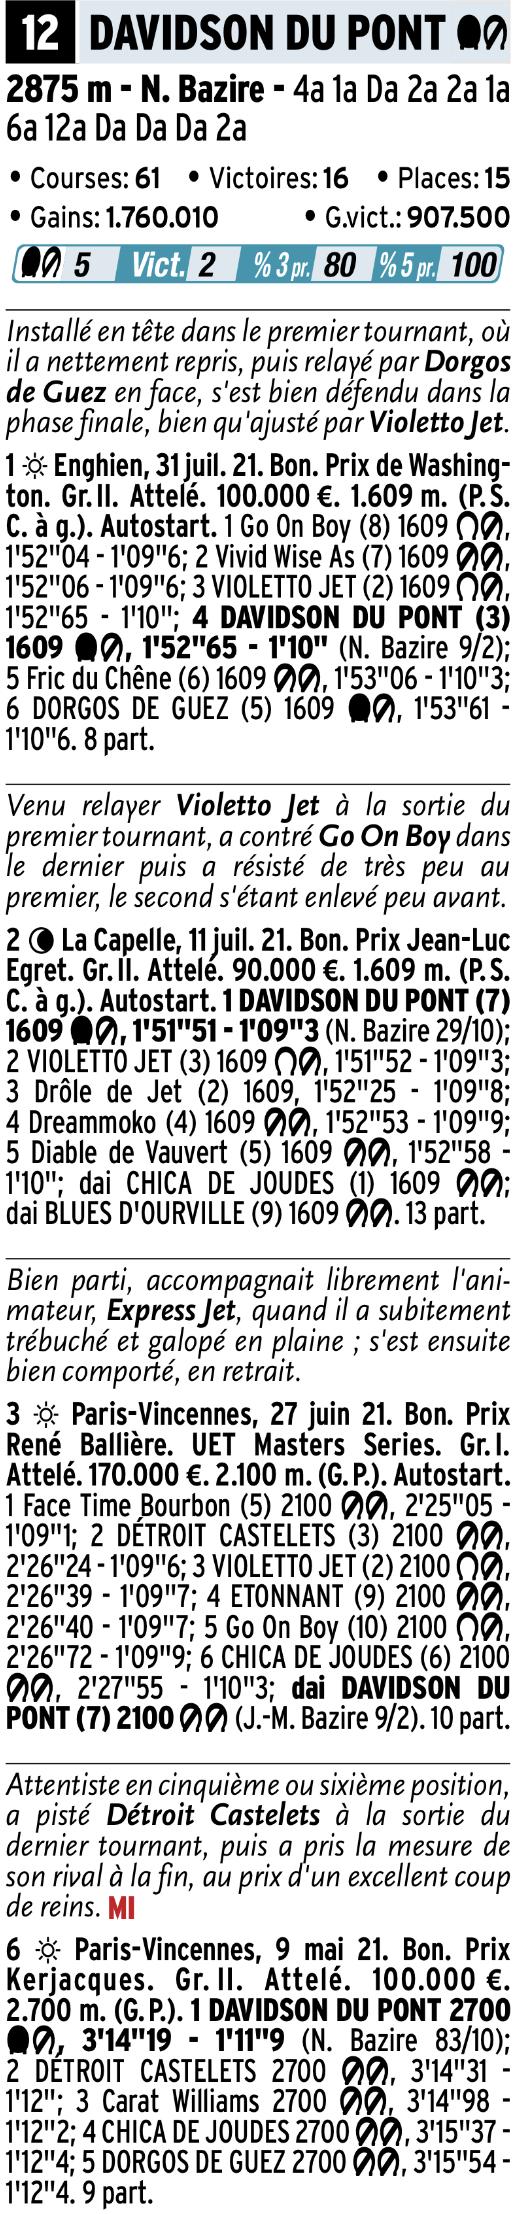 1683970F-F425-4931-B7E2-0A3D7431EC71